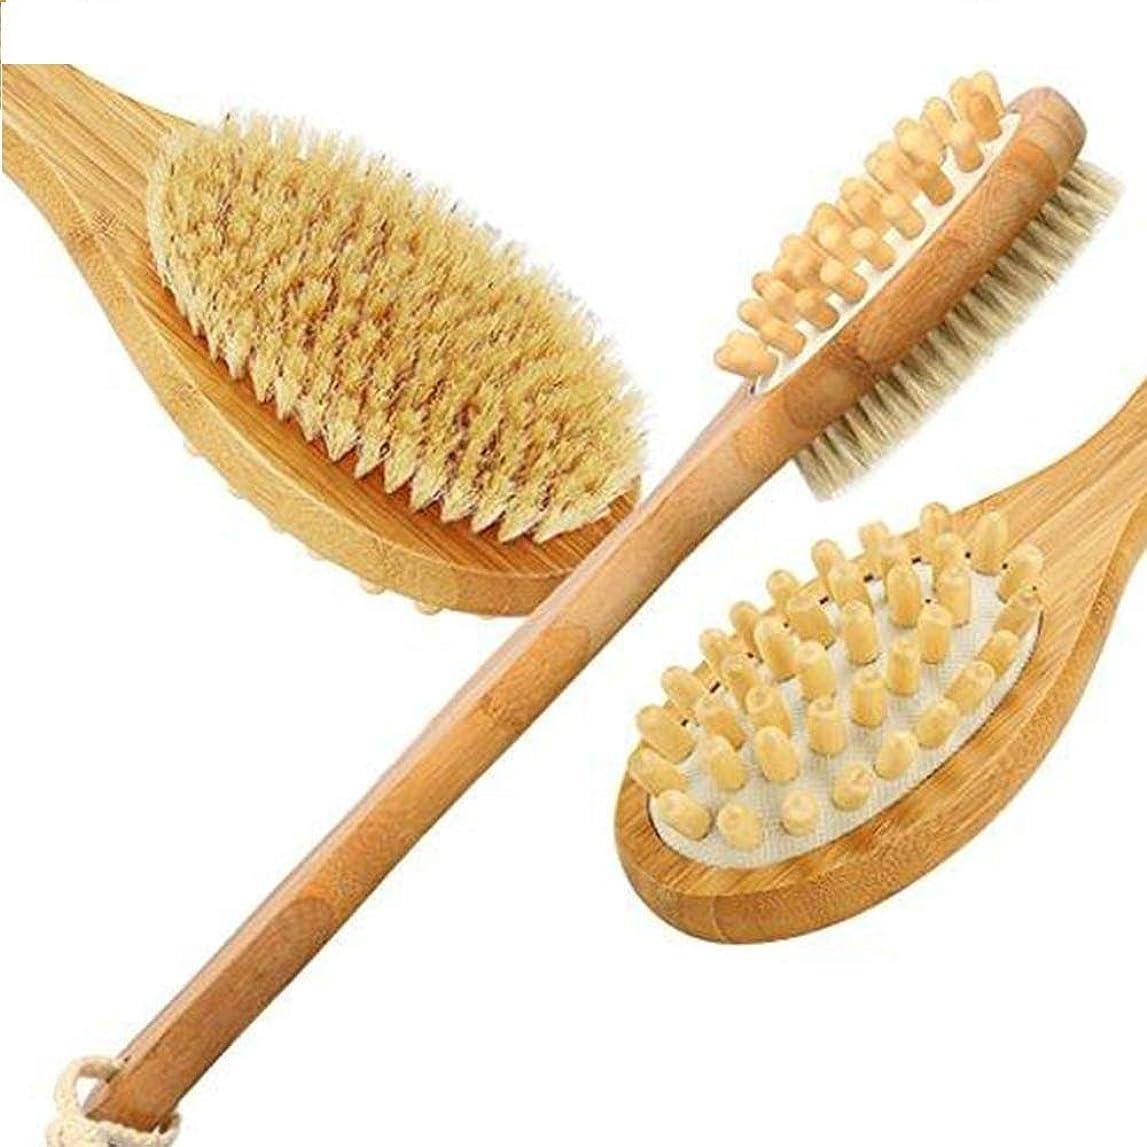 空虚農場ニュージーランド2 in 1 Body Brush for Dry Skin Brushing Back Scrubber Dead Skin Remover Exfoliating Cellulite Bamboo Bath Brush with Long Handle ドライスキンブラッシングのためのボディブラシバックスクラバースキンエクスフォリエイティングセルライトロングハンドルのブラシ